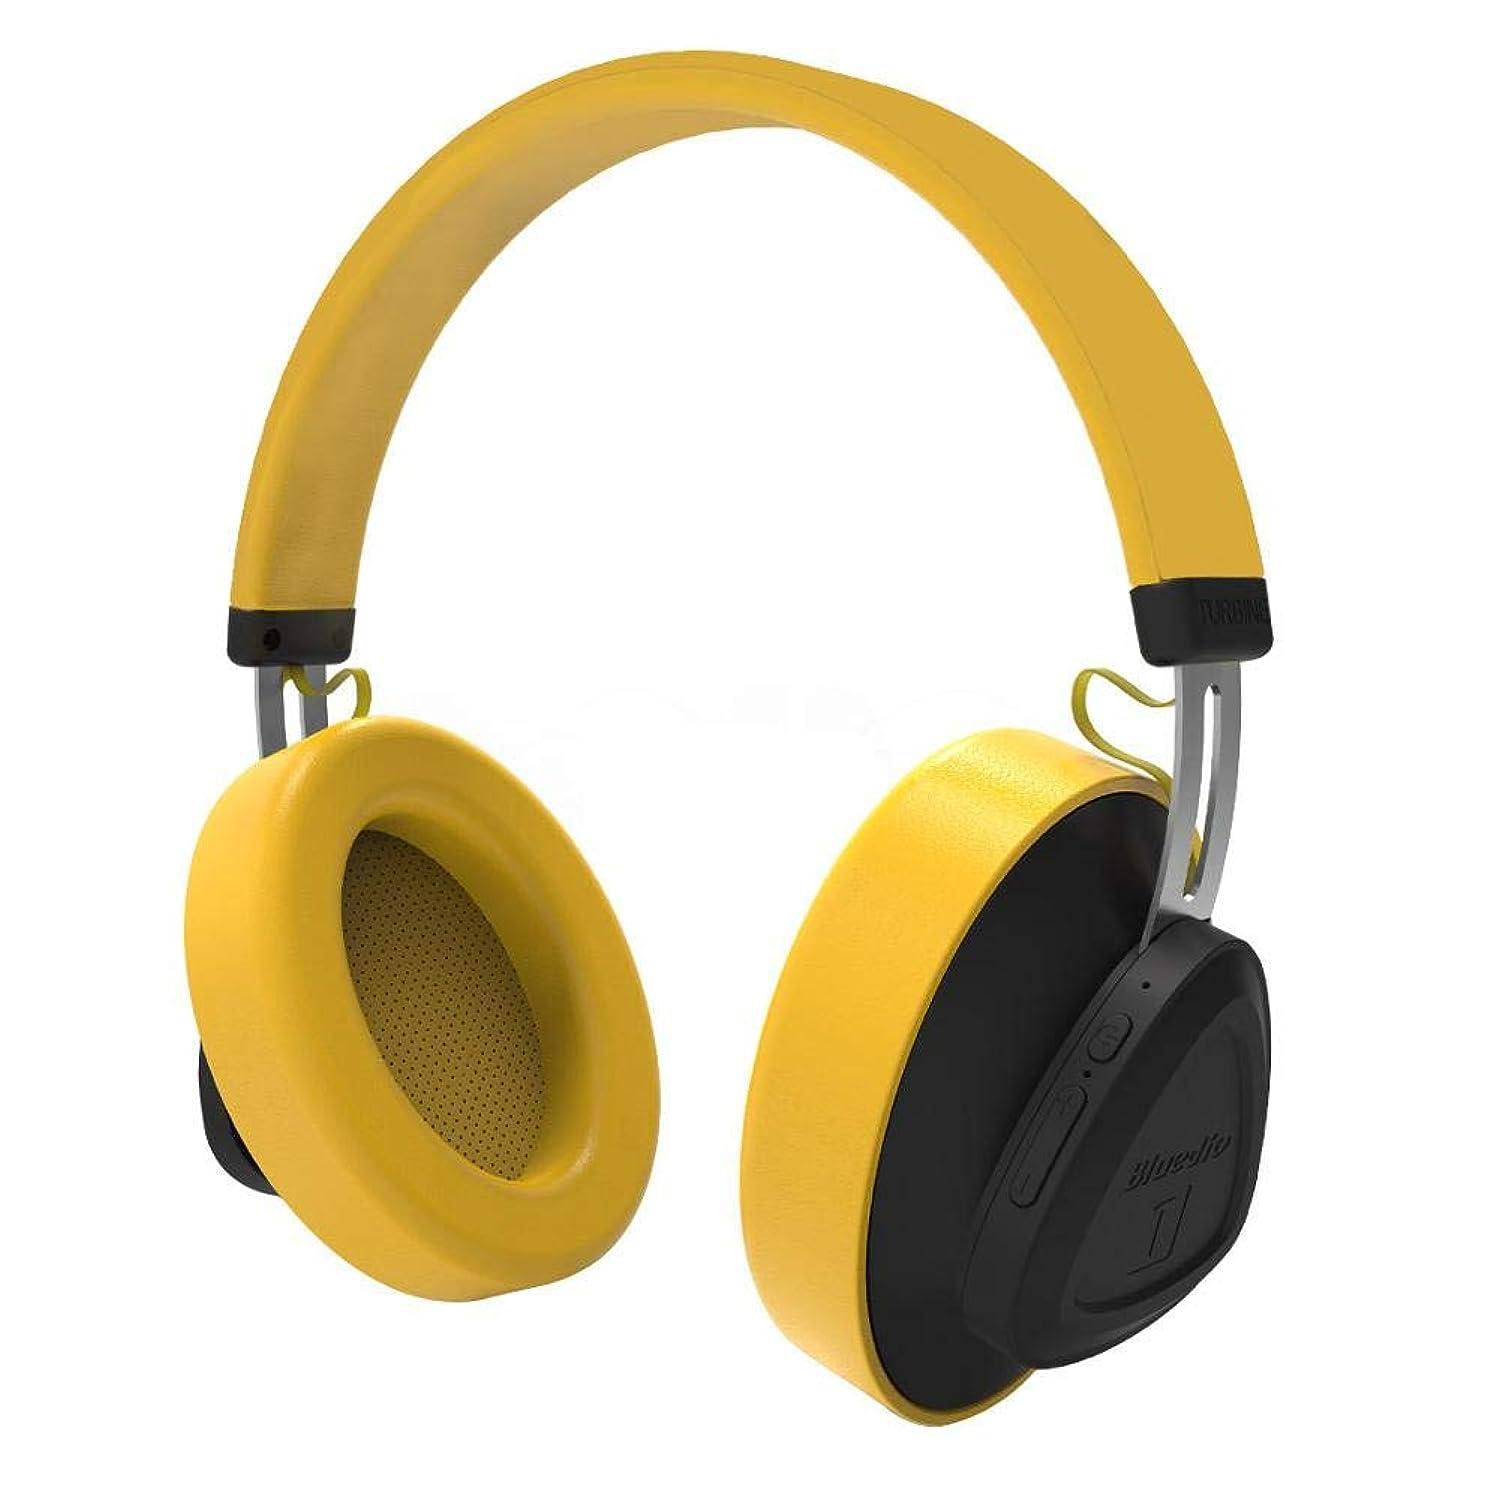 年齢暖かさバリア音楽と電話用のマイクモニタースタジオヘッドセット付きワイヤレスBluetoothヘッドフォンサポートボイスコントロール